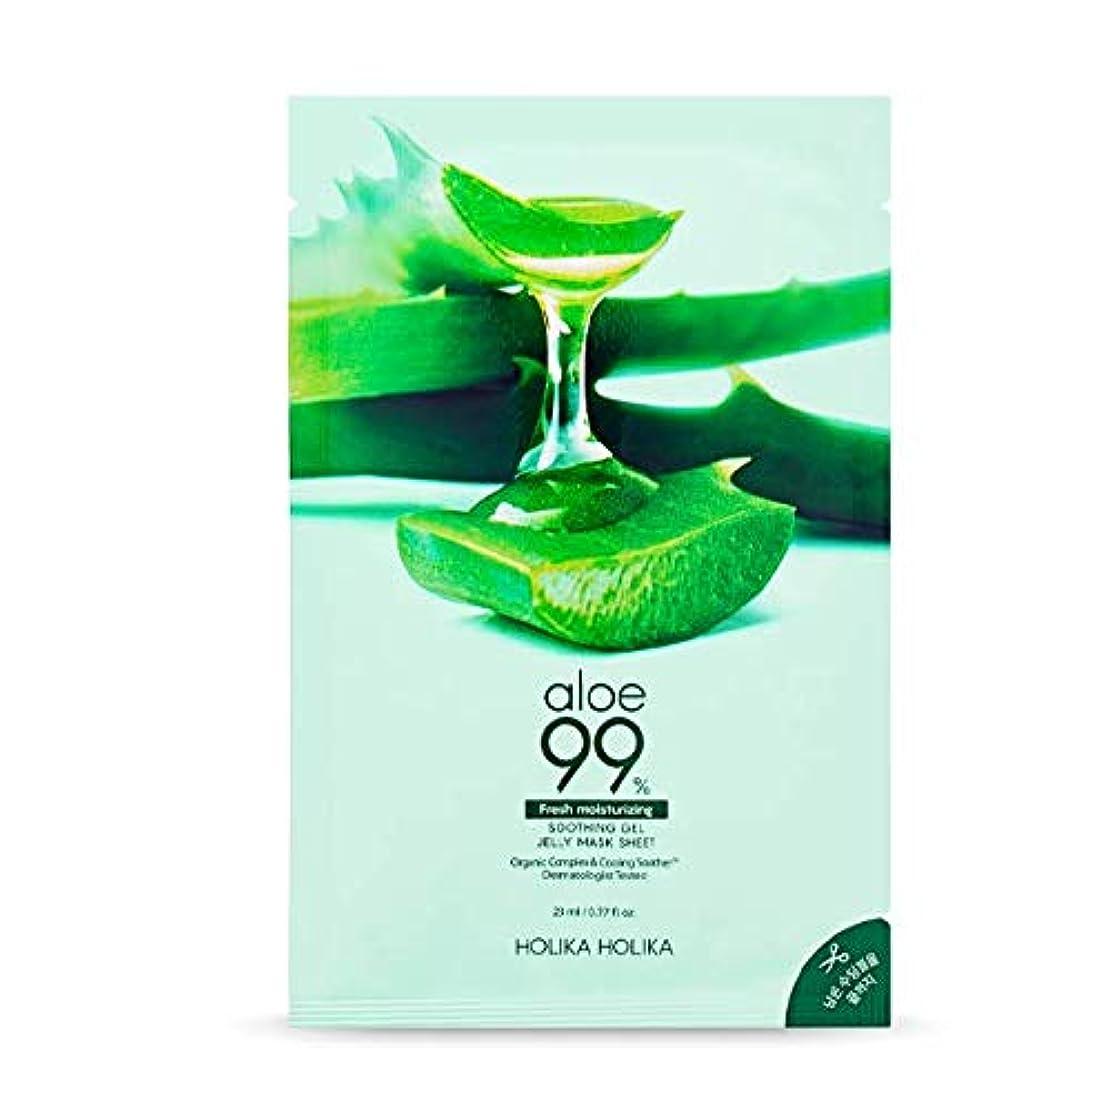 欺くエンティティ政府[Holika Holika] Aloe 99% Soothing Gel Jelly Mask Sheet (23ml × 10 Sheets)/[ホリカホリカ] アロエ 99% スージングジェル ゼリー マスク シート...